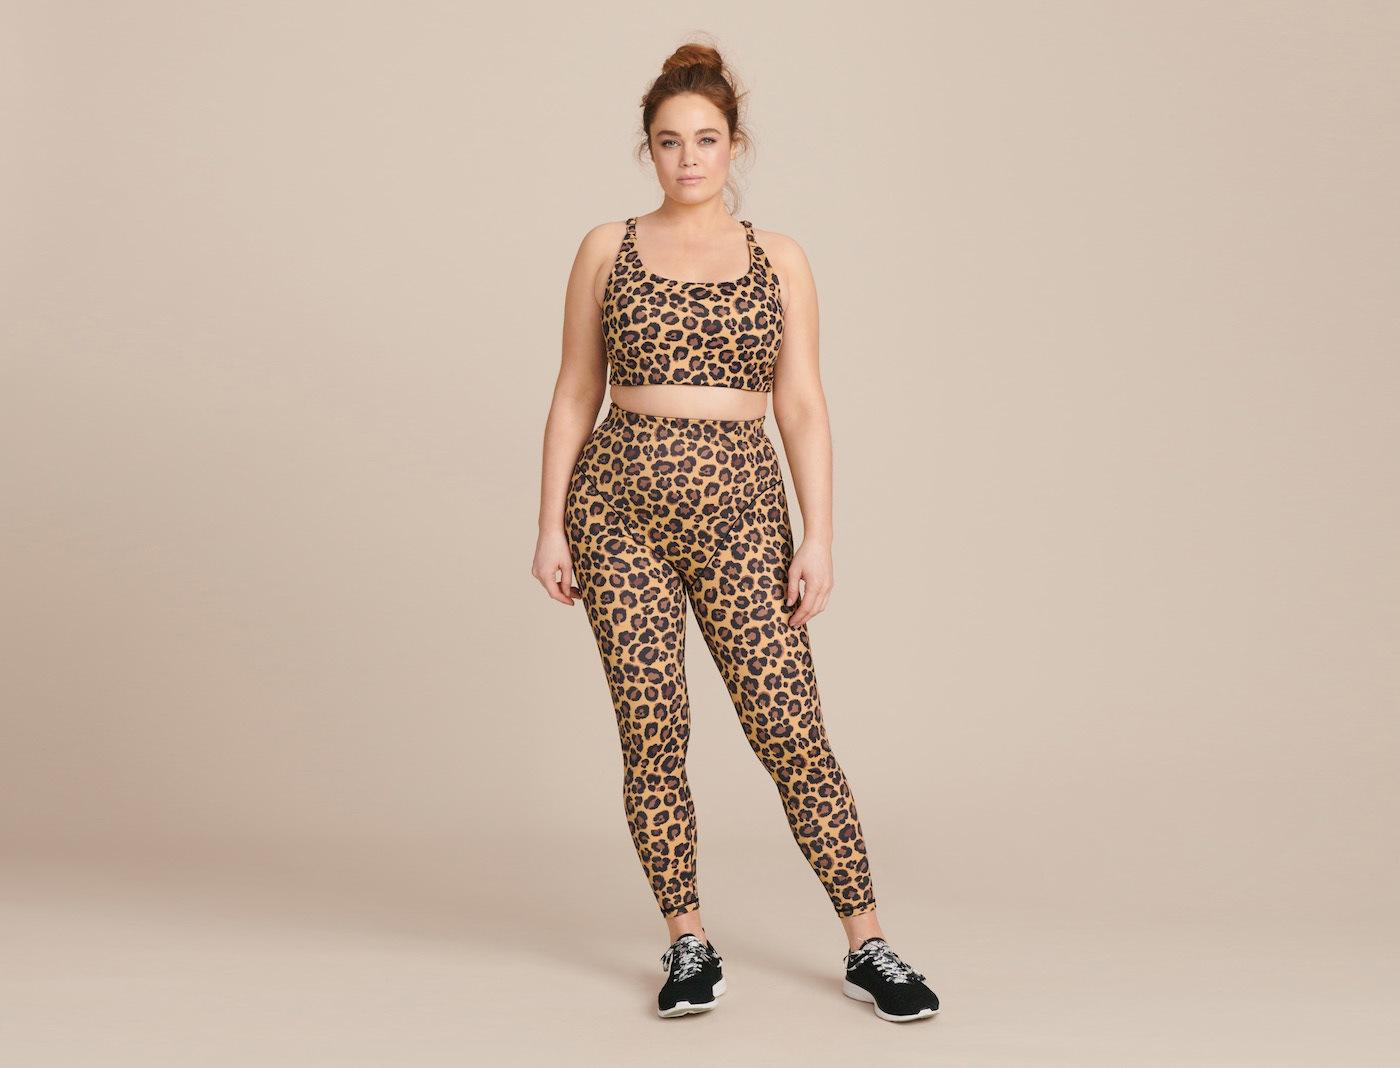 Thumbnail for The leopard print midi (AKA spring's fave skirt) looks even better as leggings